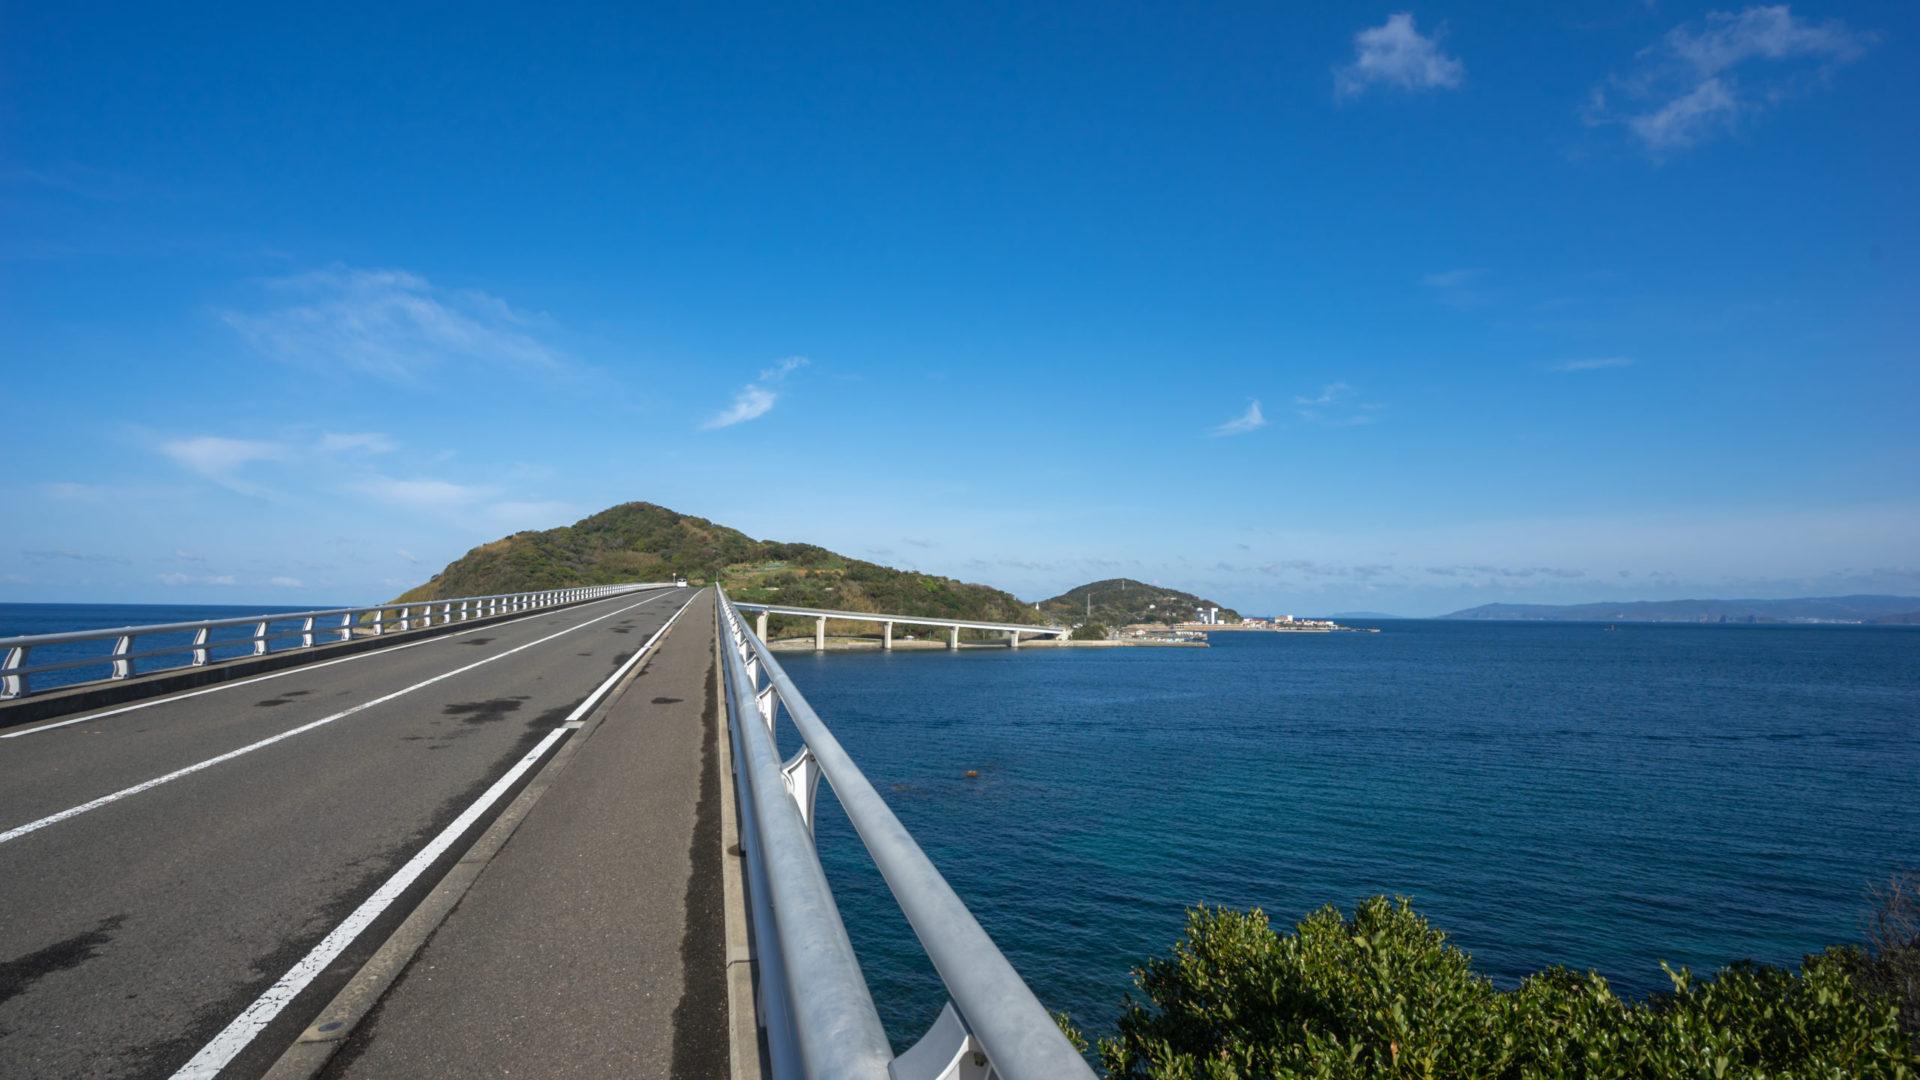 第9回 ツール・ド・ちゃんぽん in 長崎伊王島開催について